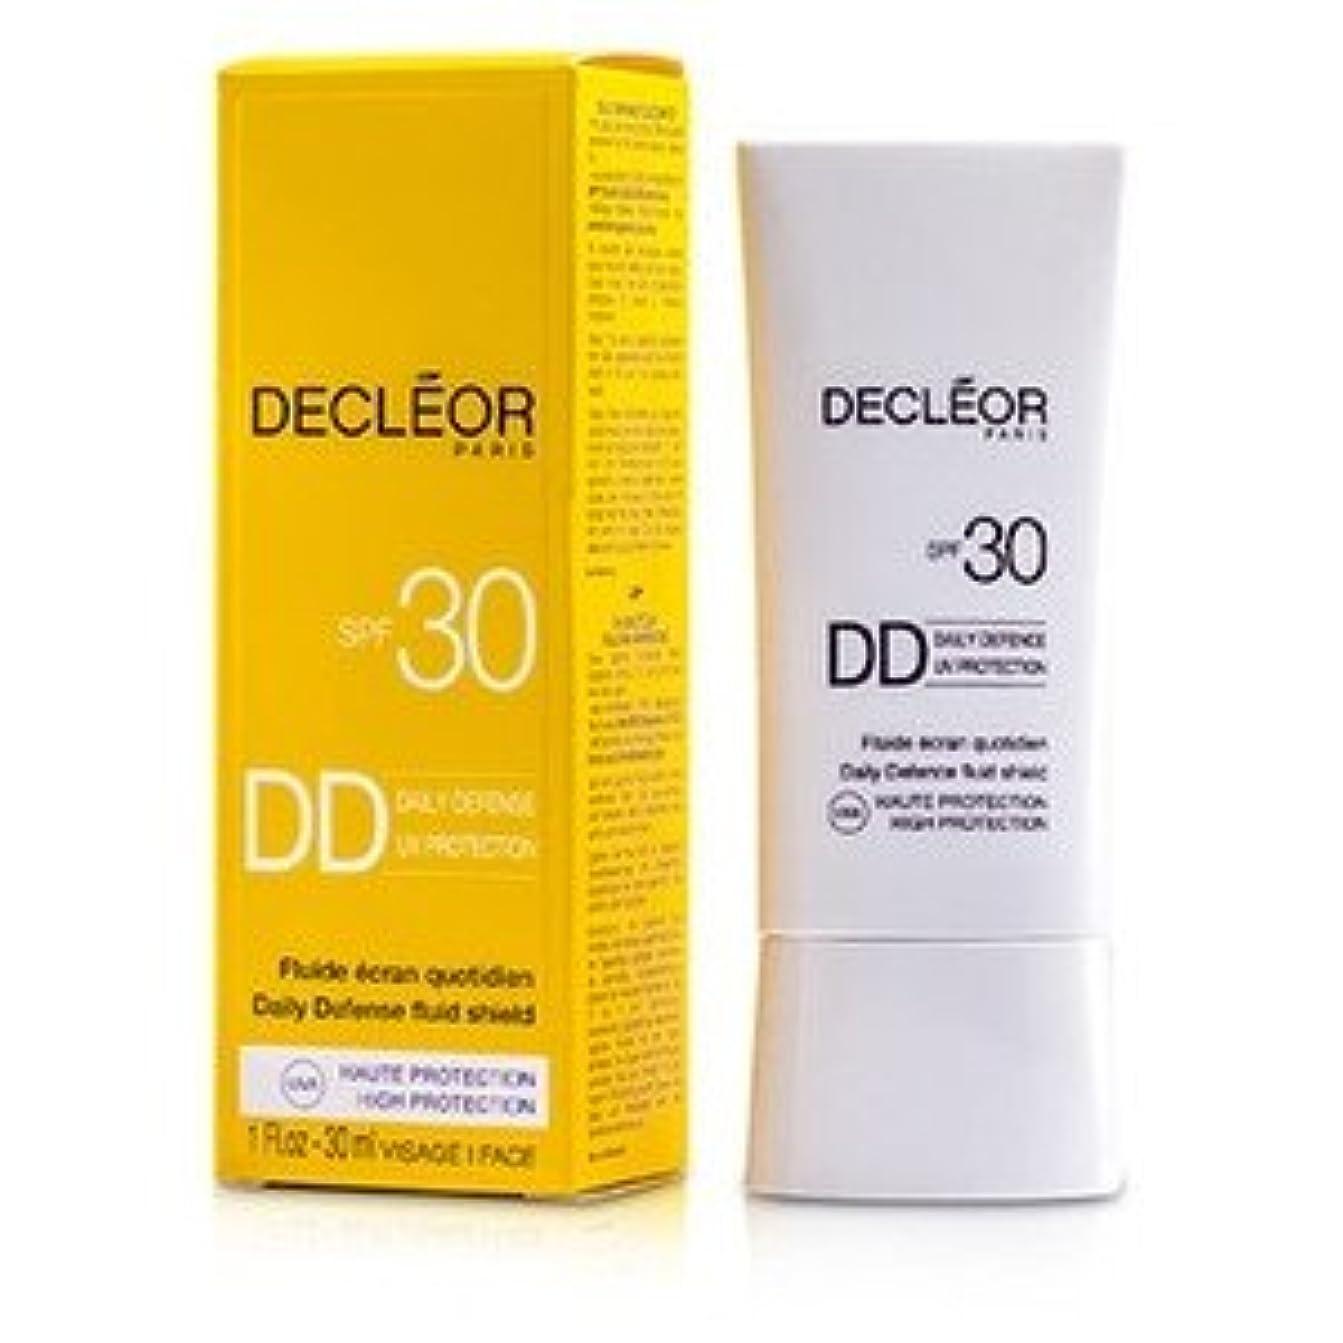 定義する順番あえてデクレオール[Decleor] デイリー ディフェンス フルイド SPF30 30ml/1oz [並行輸入品]